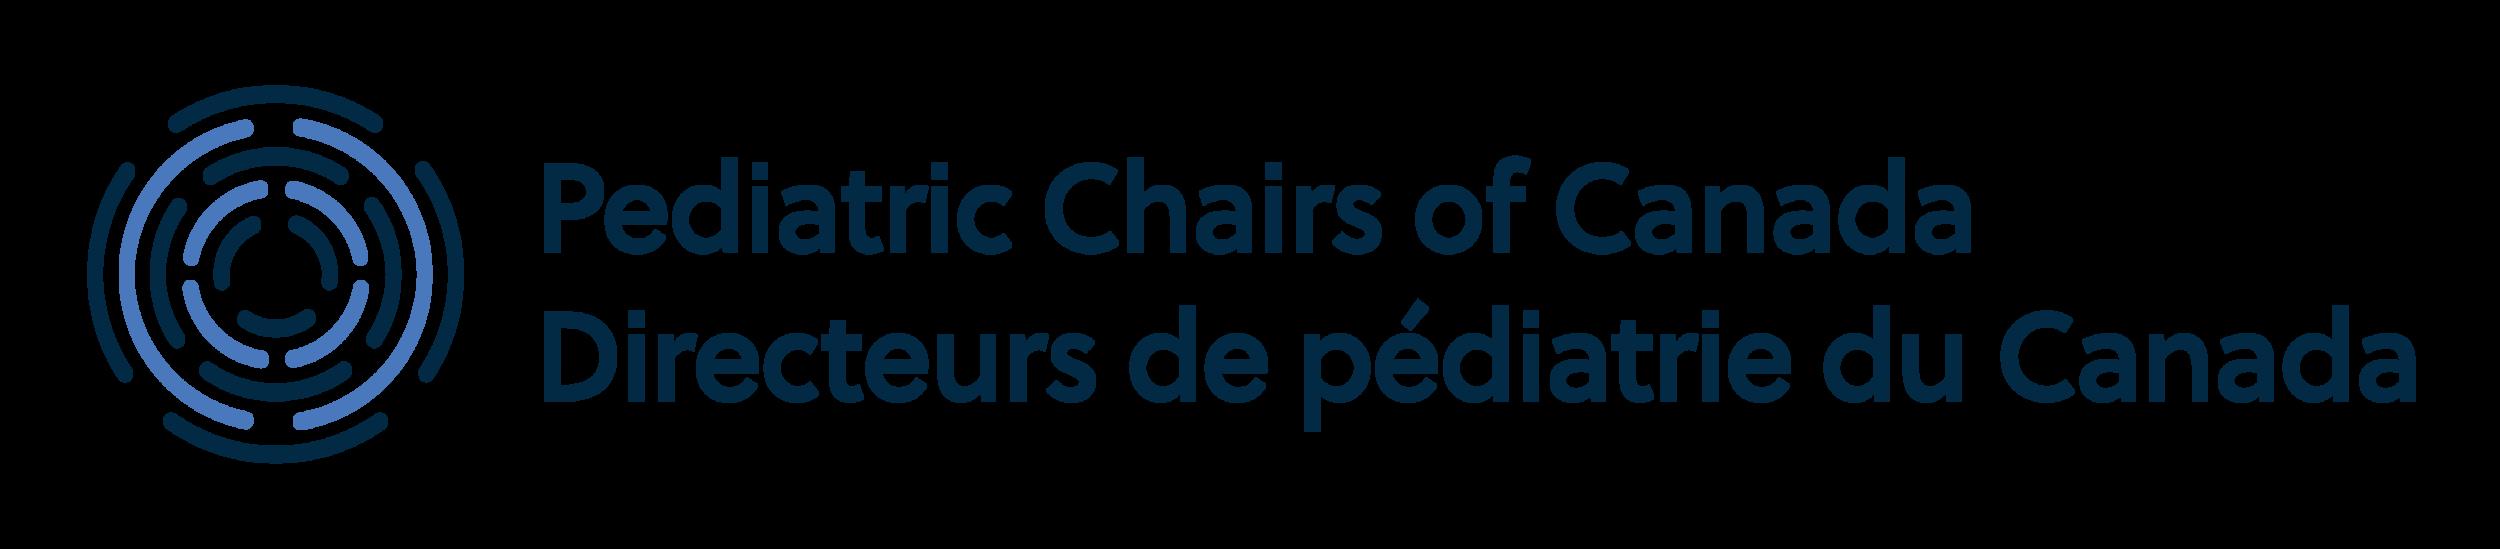 PCC_Logo_ENFR_300.png